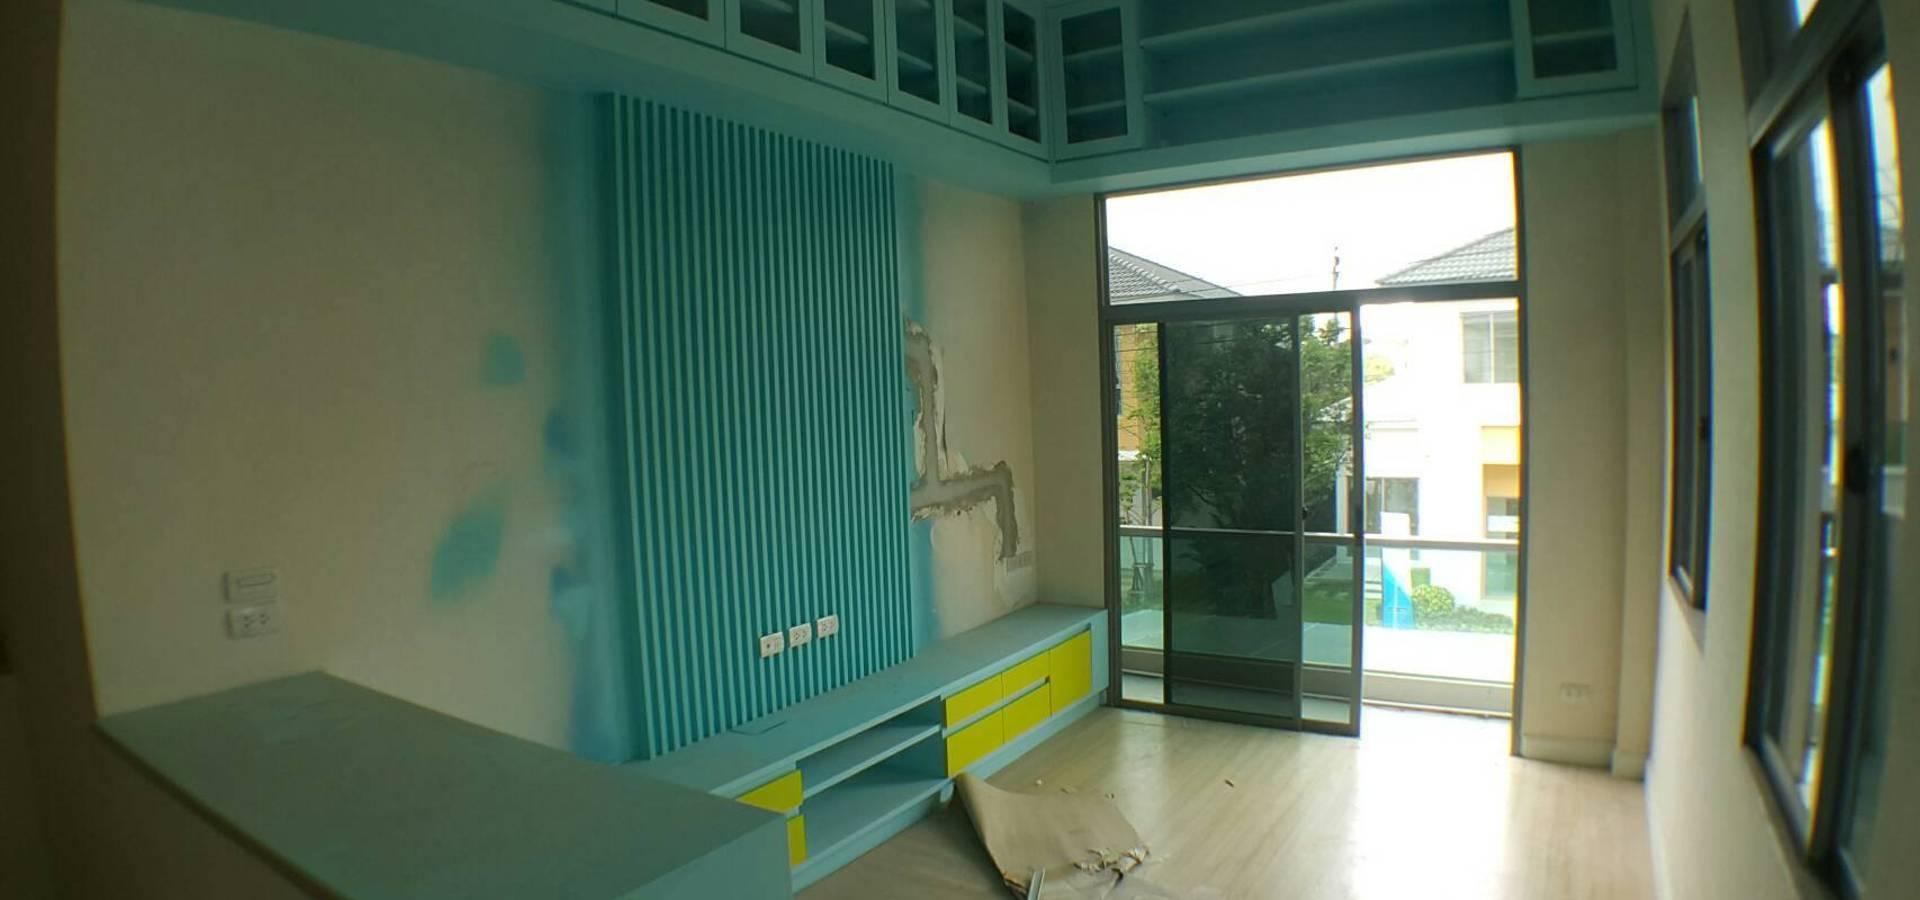 WDS Interior Design